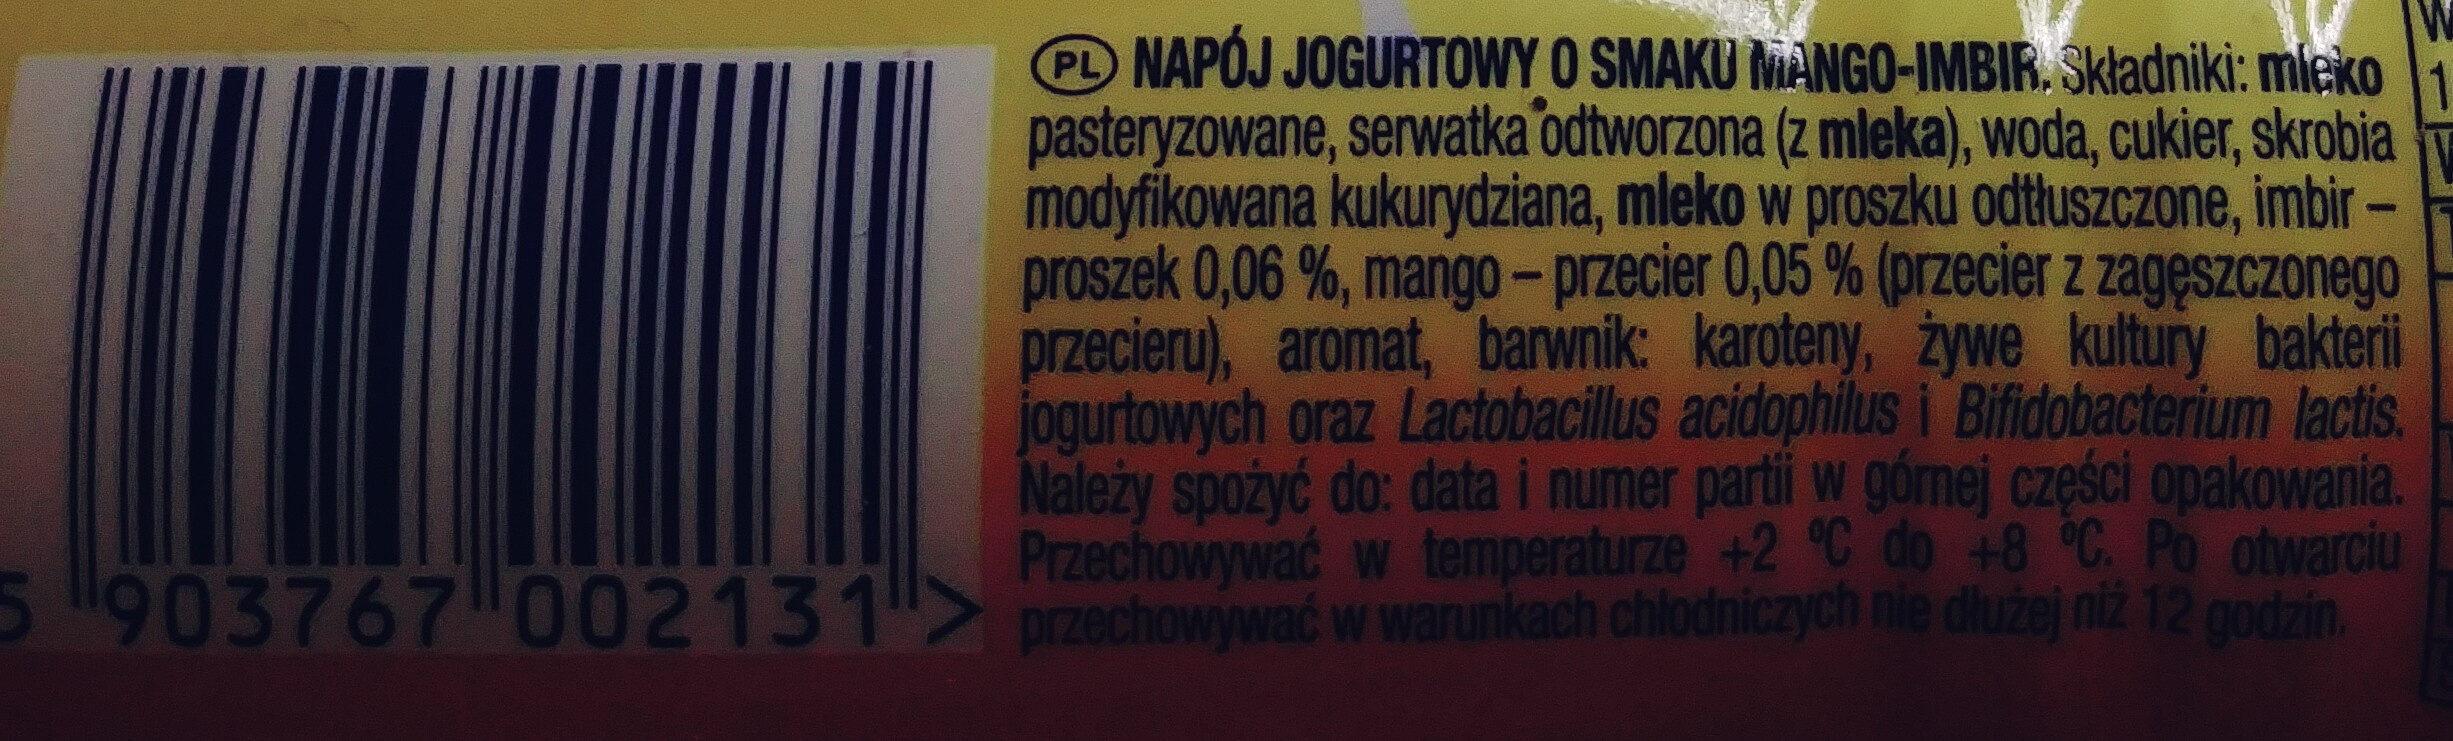 Duet mango-imbir - Ingredients